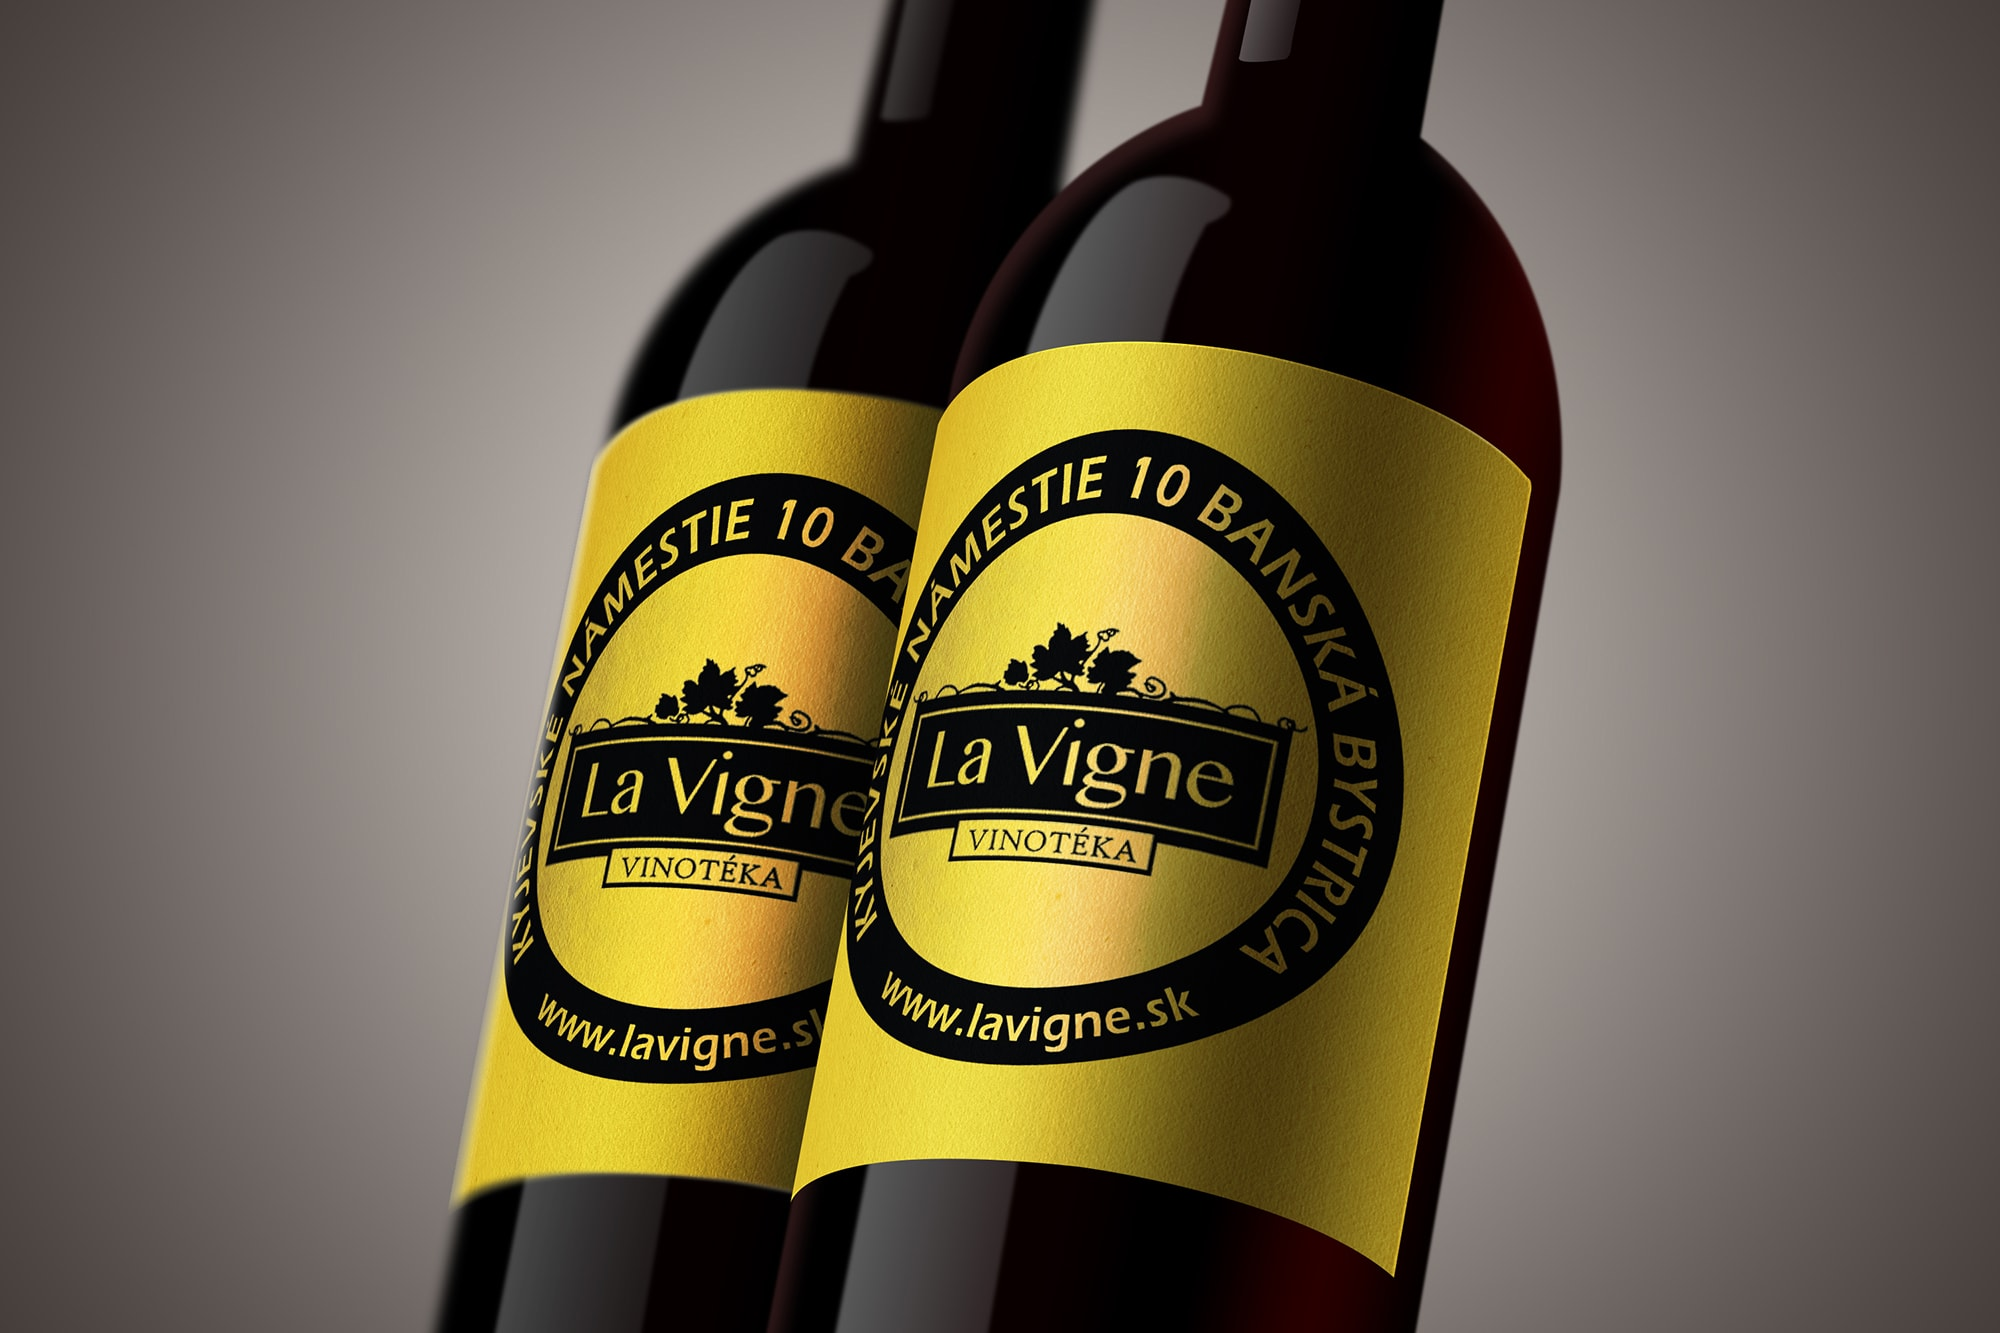 Náhľad etikety La Vigne na fľaši vína